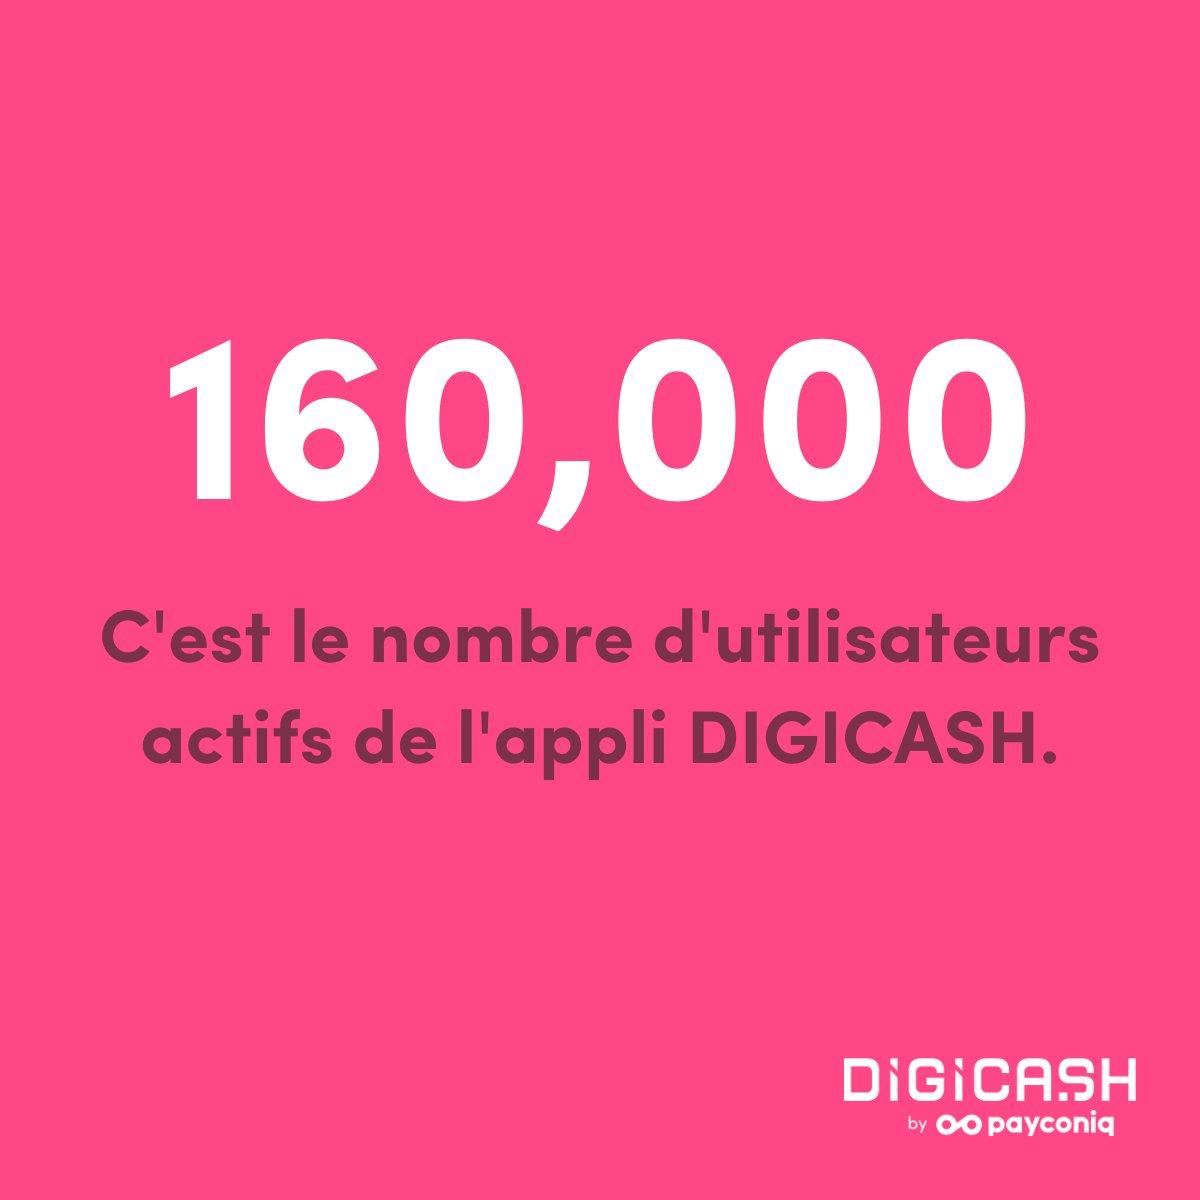 Le saviez-vous ?   160K : c'est le nombre d'utilisateurs actifs de l'application Digicash by Payconiq.   #mobilepayment #users #paymobile #luxembourg @Payconiq https://t.co/hB0YSlnrp7